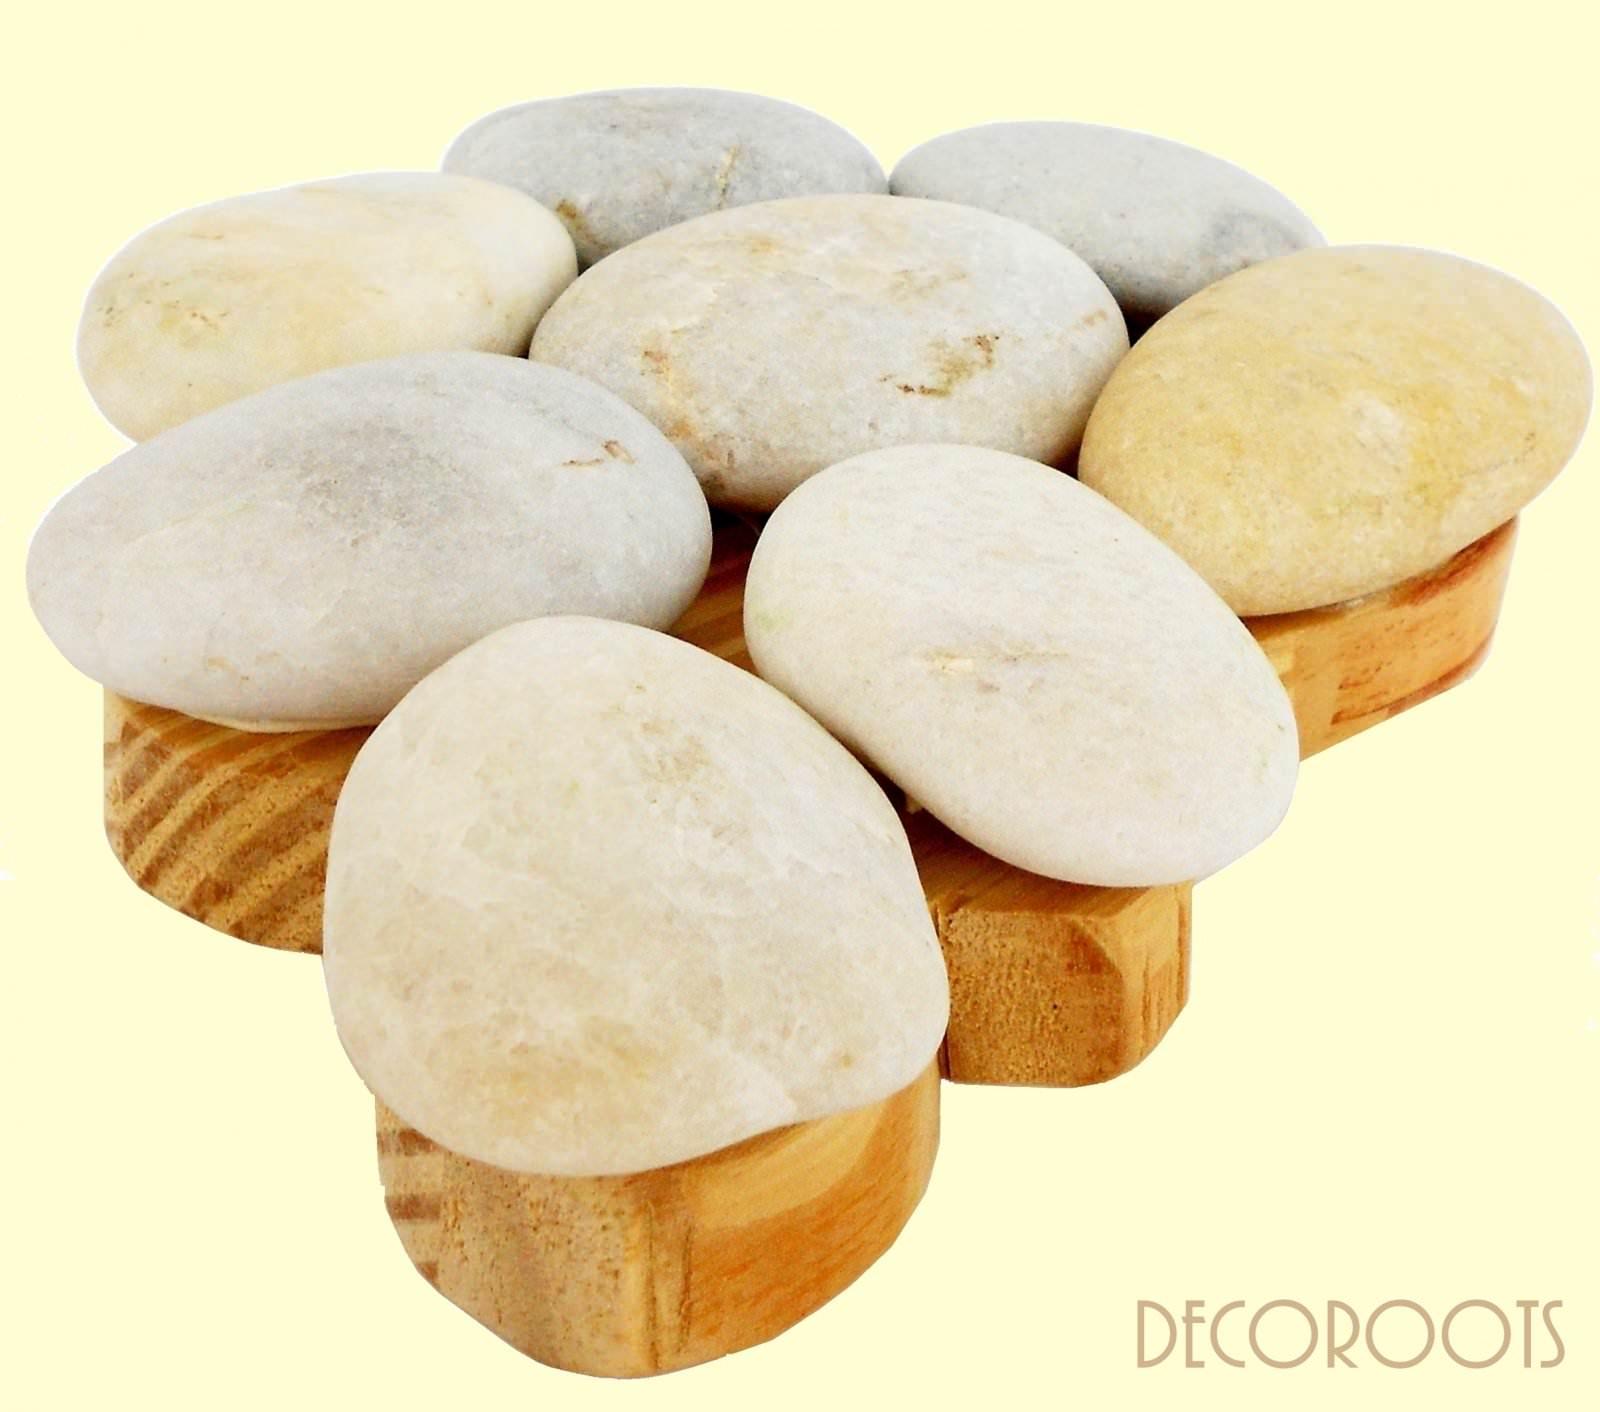 Dessous de plat galet stones d coration nature et zen objet d coratif nature et zen mady deco - Dessous de plat bois ...